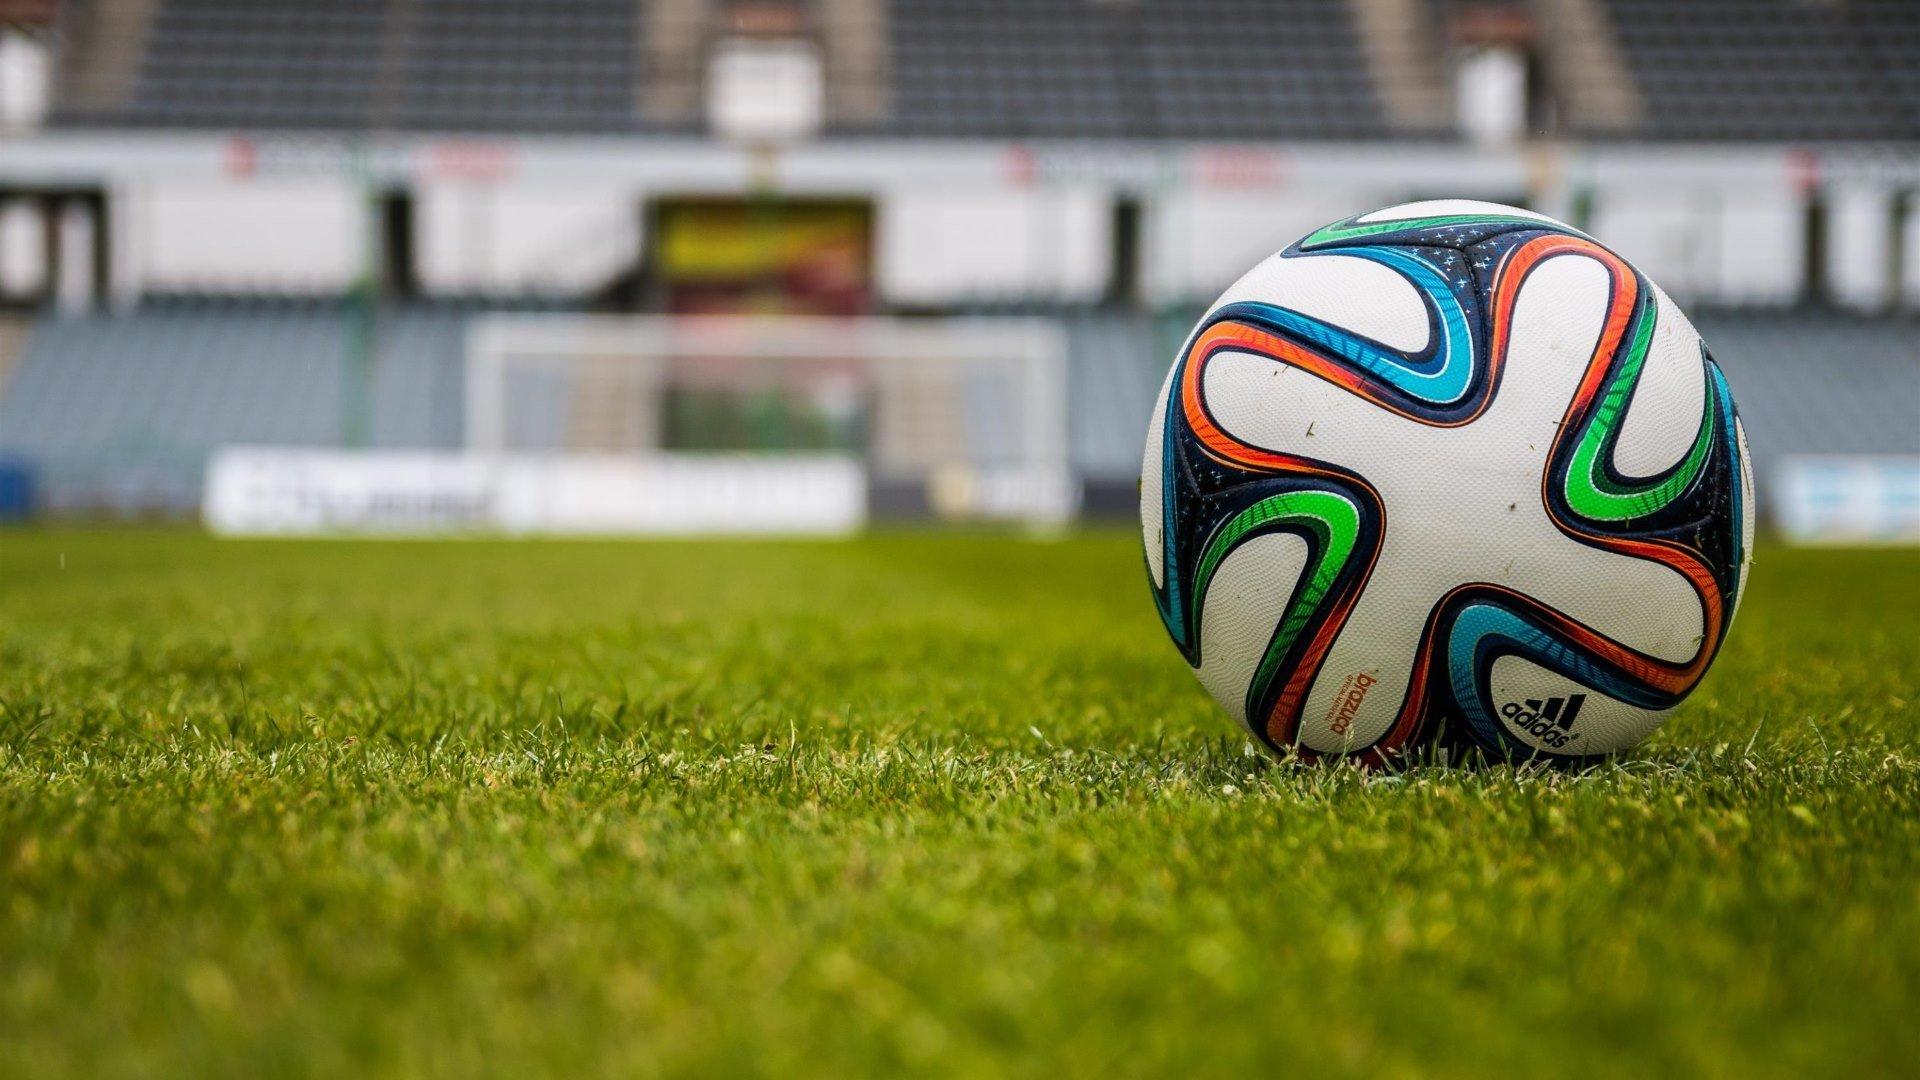 كرة القدم أصل ها وف صل ها توعية